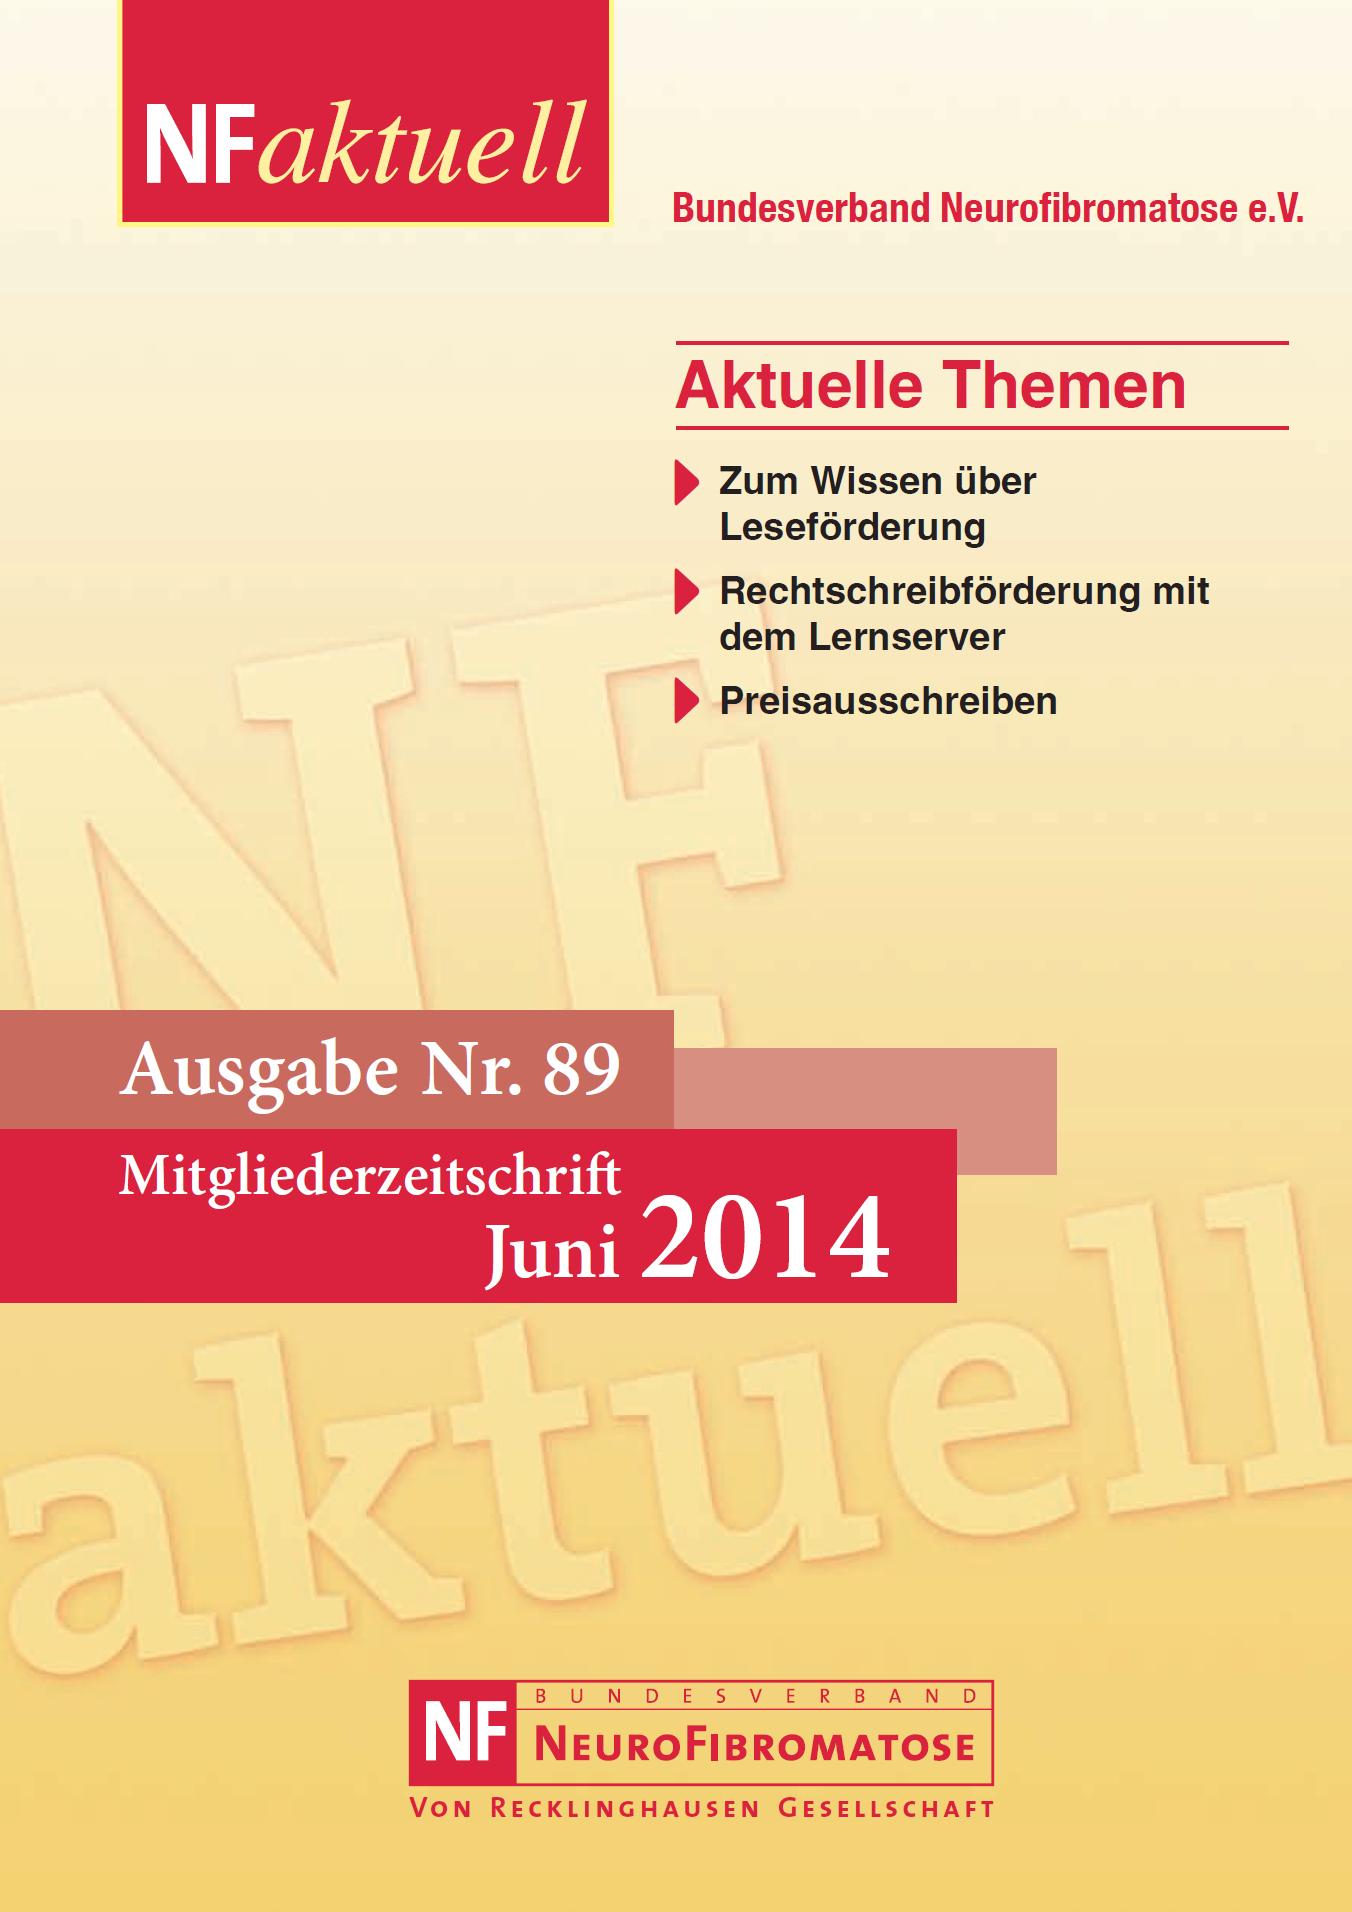 NFaktuell-89-dezember-2014-titel